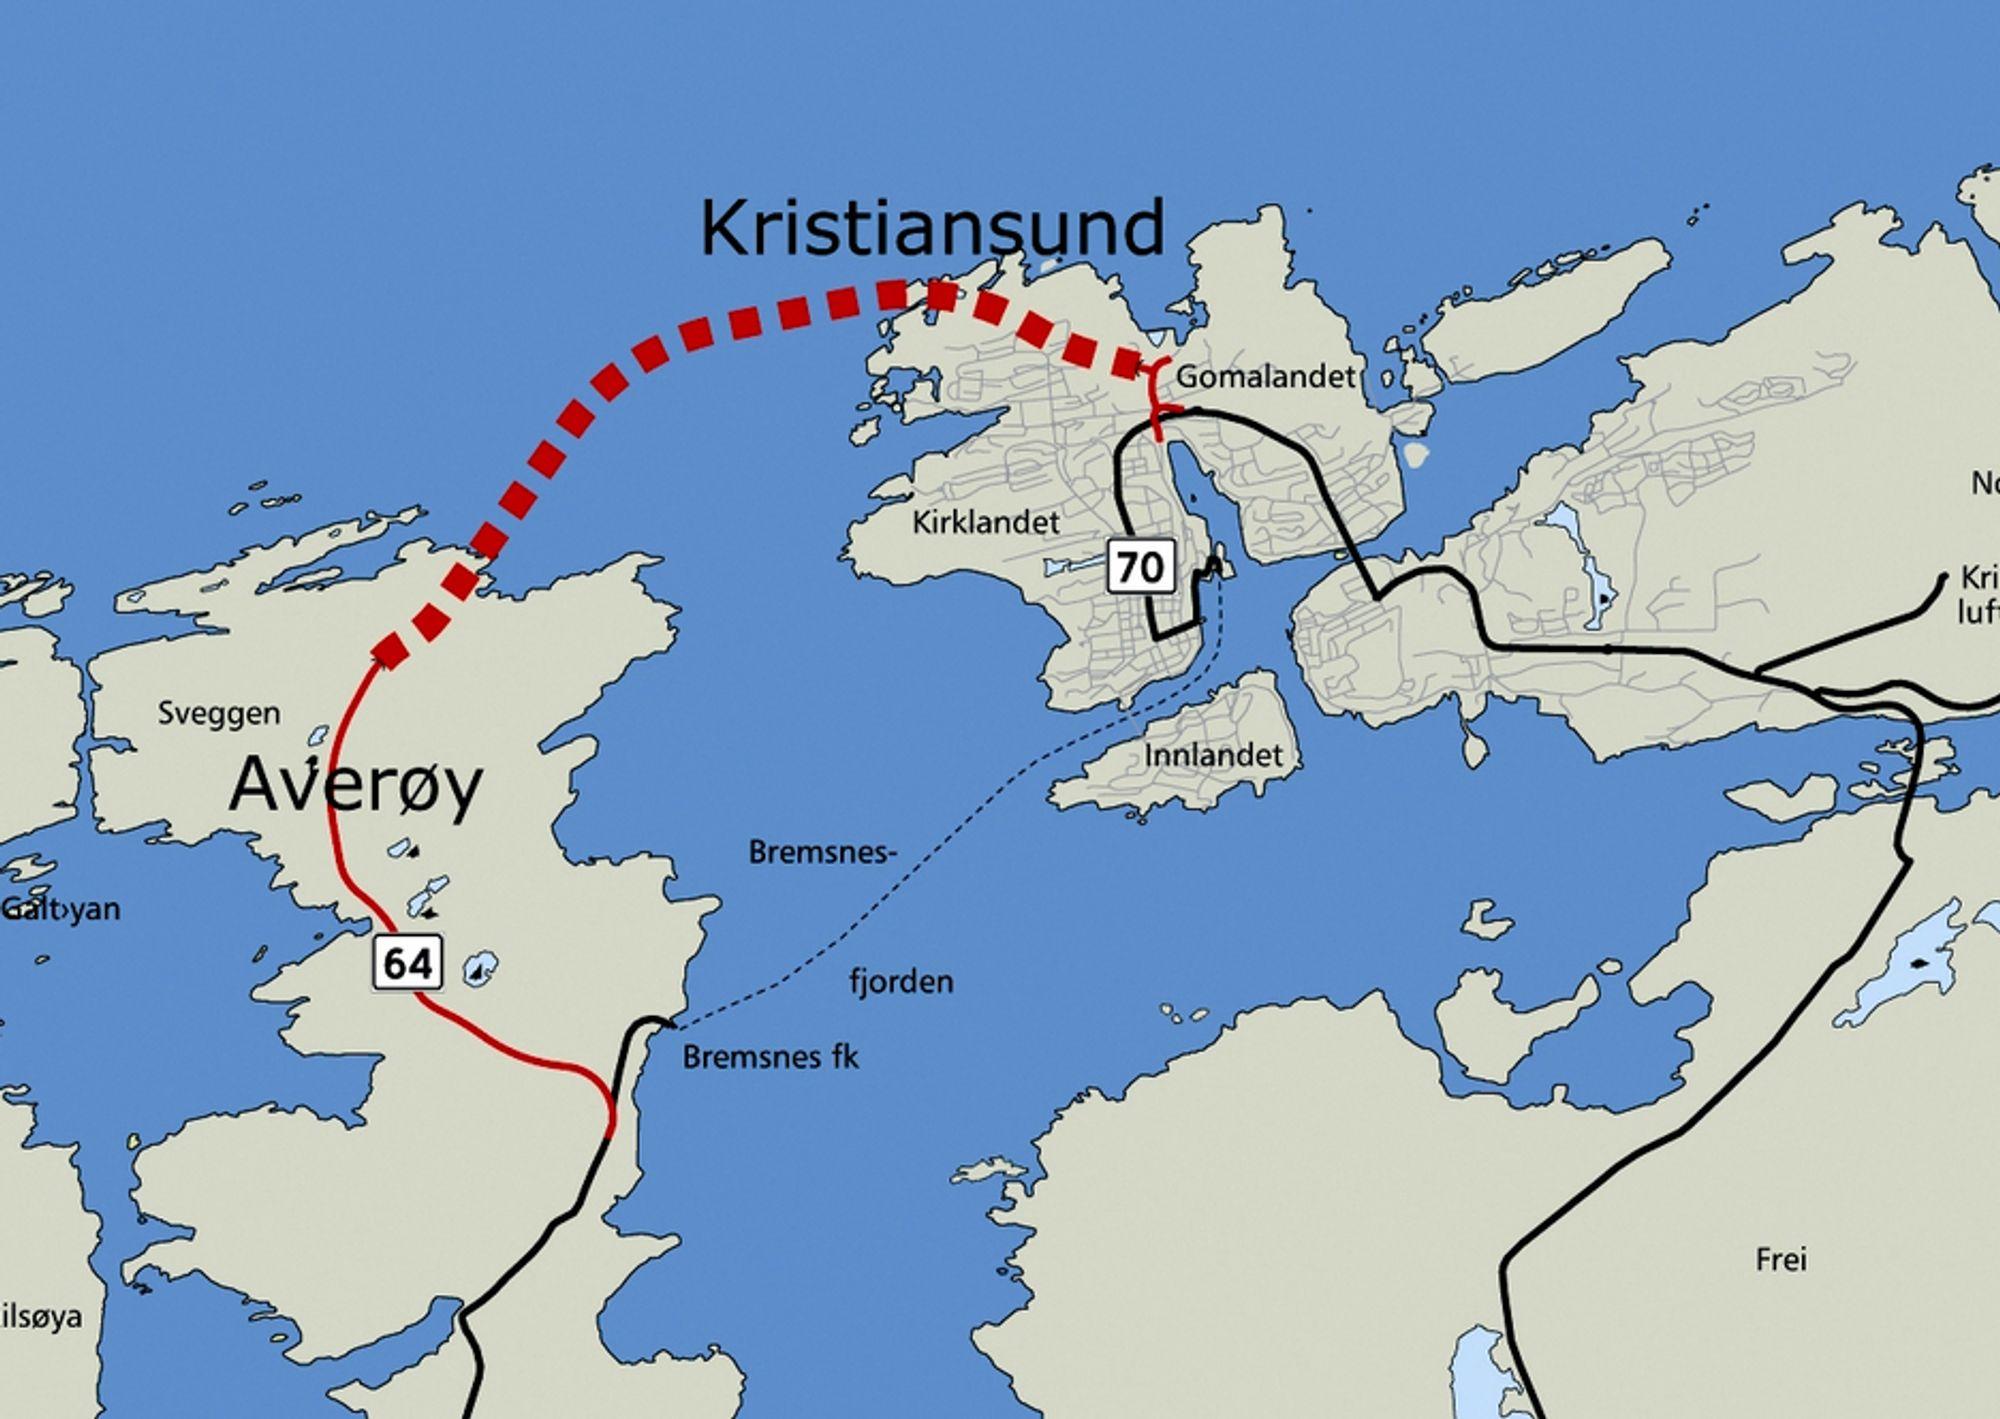 En ny forsinkelsene som følge av dårlig fjell kan bety at Atlaterhavstunnelen ikke kan åpnes for trafikk før det nærmer seg sommer i 2009.